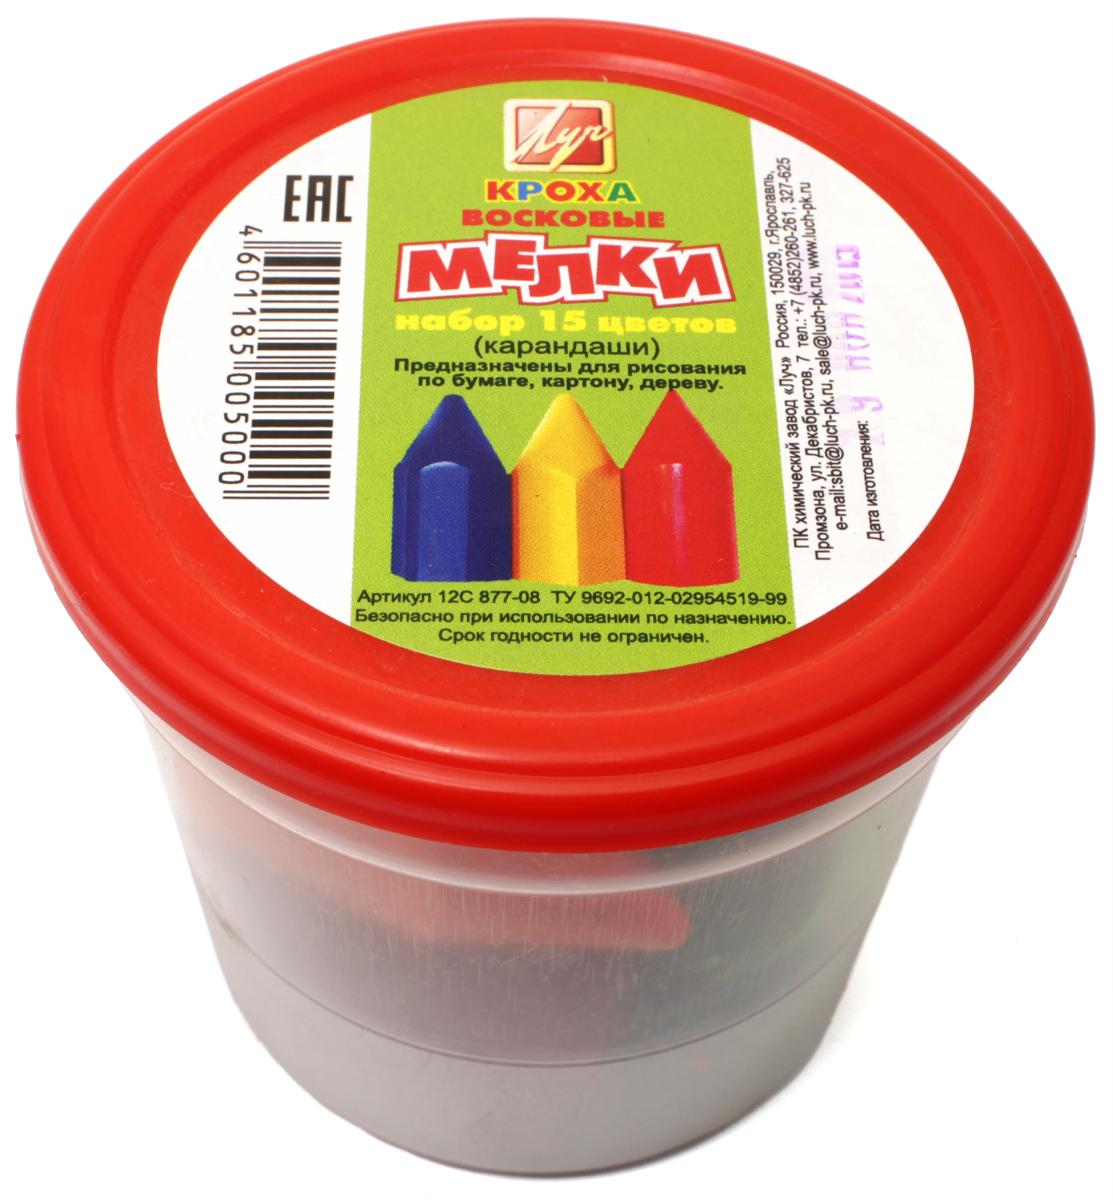 Луч Восковые мелки Кроха 15 цветовFS-36052Восковые мелки Луч Кроха позволят вашему малышу создать замечательные рисунки. В набор входят 15 мелков круглой, шестигранной и трехгранной формы с увеличенным диаметром, упакованные в пластиковый стакан. Удобно хранить и пользоваться маленьким детям.